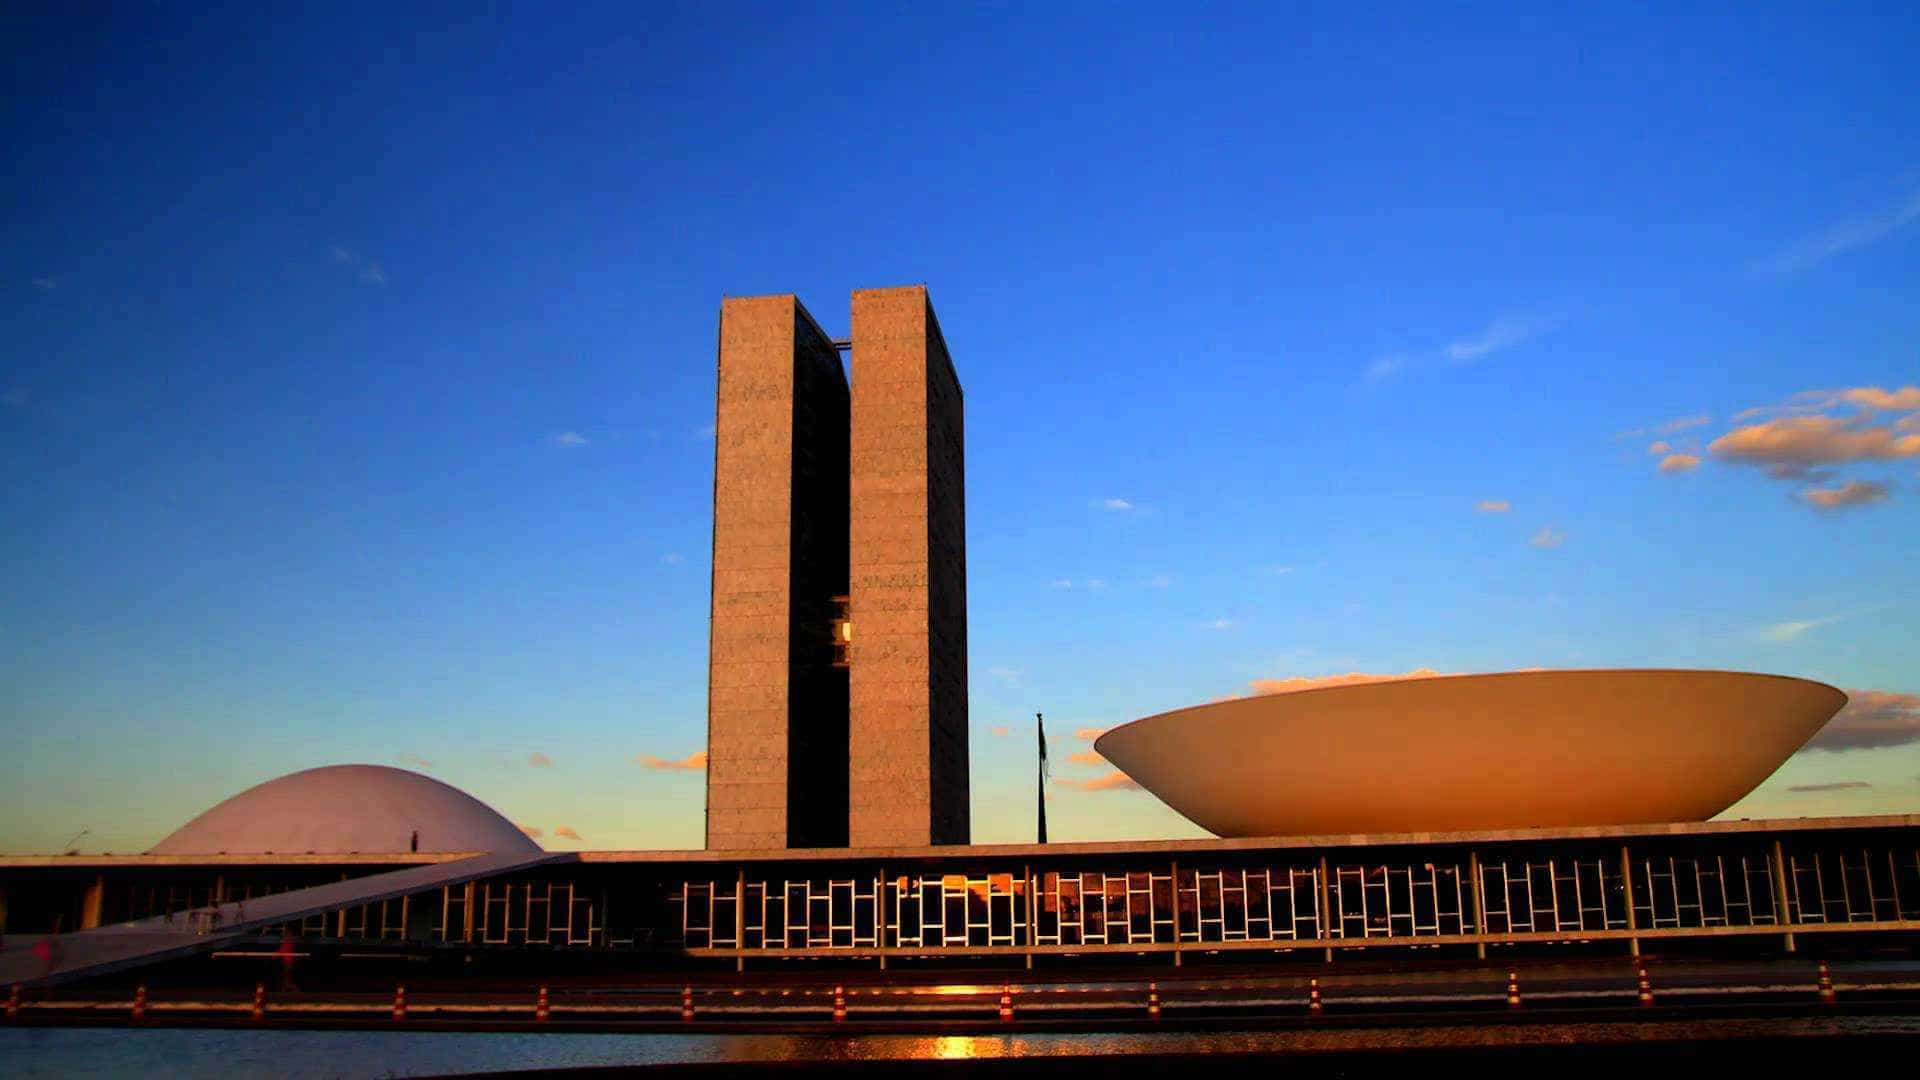 Evento de posse de Bolsonaro promete lotar Brasília no fim do ano